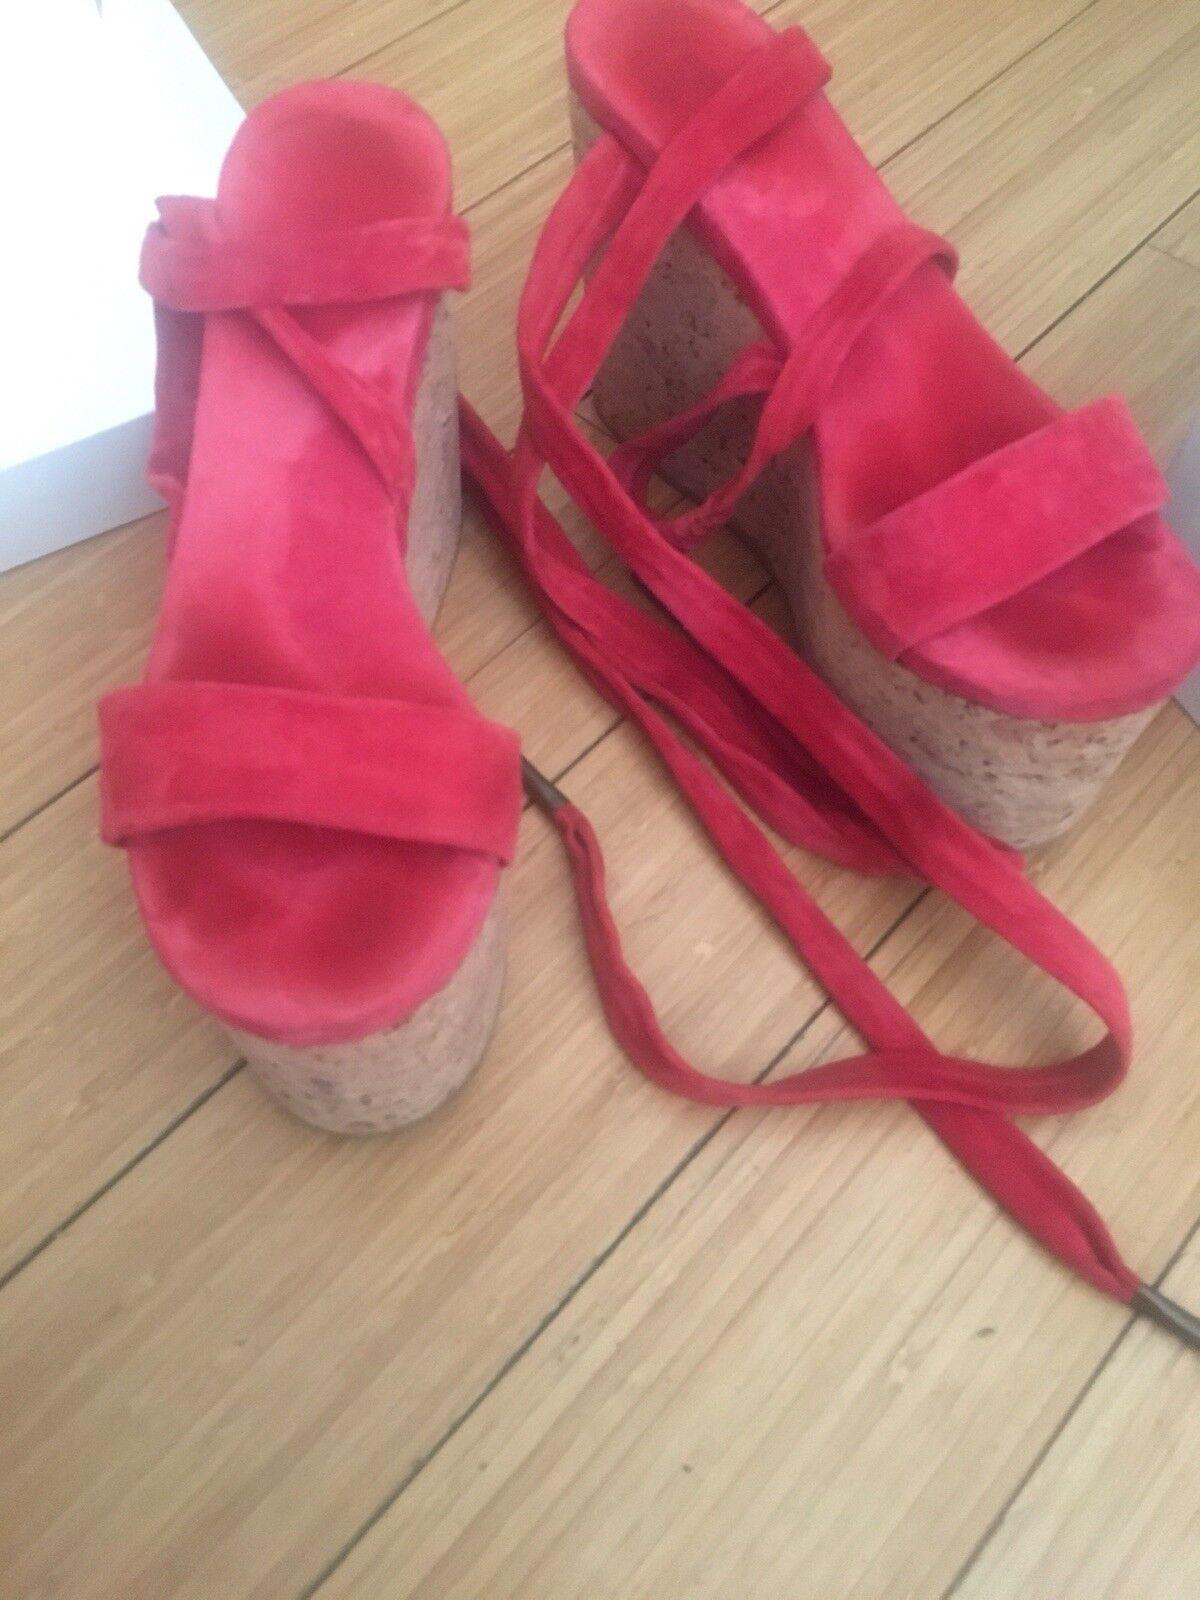 Isabel Marant Red Suede/Cork Platform Sandal Size 7